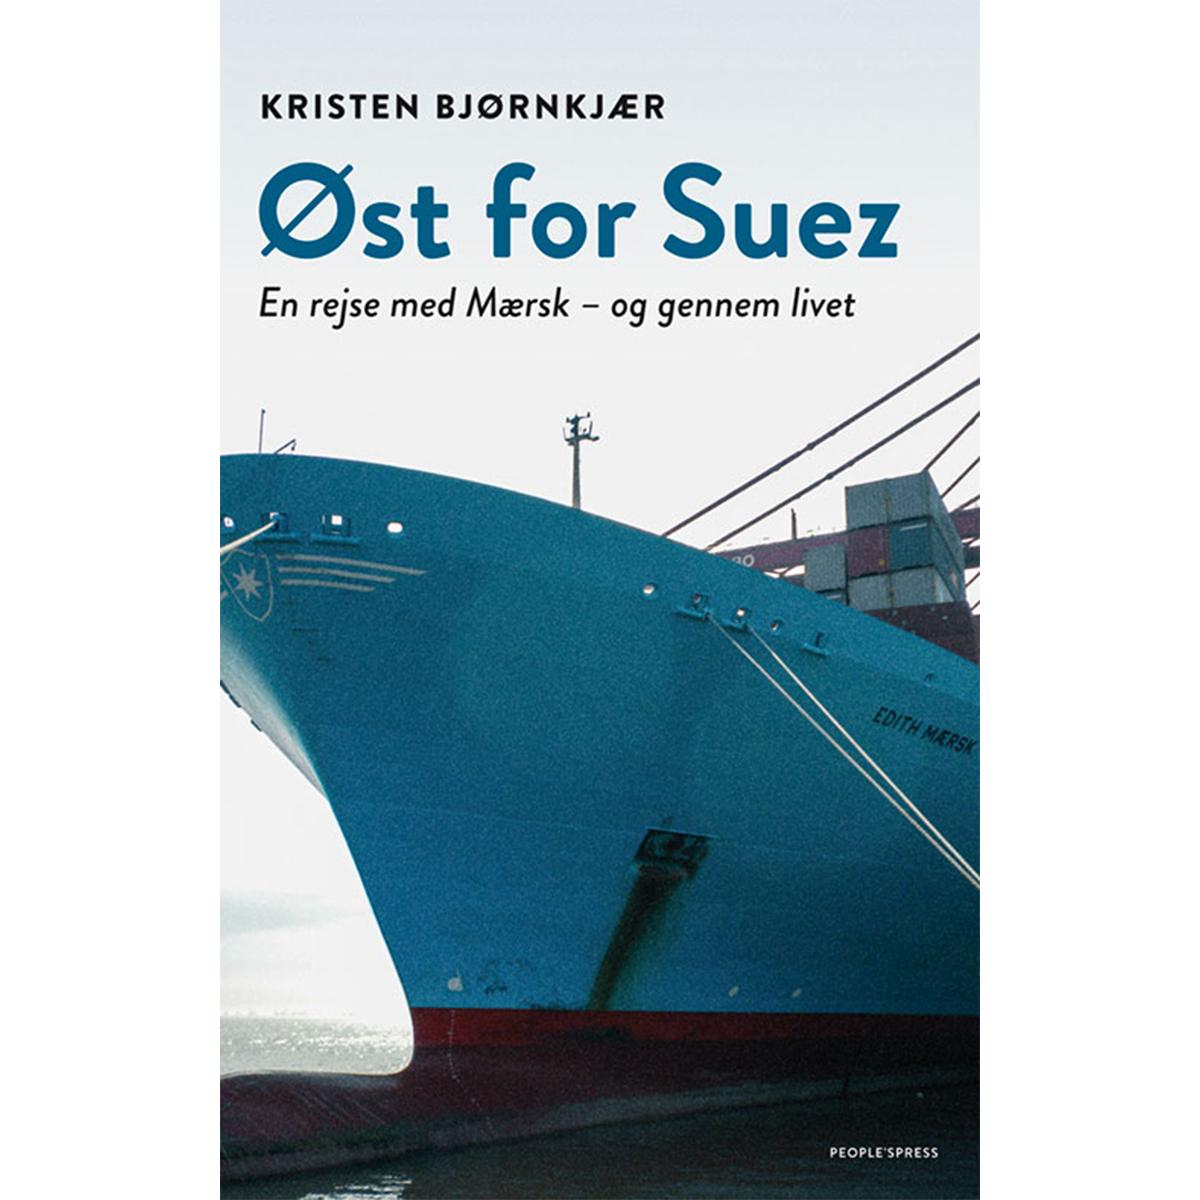 Øst for Suez - en rejse med Mærsk og gennem livet - Hæftet